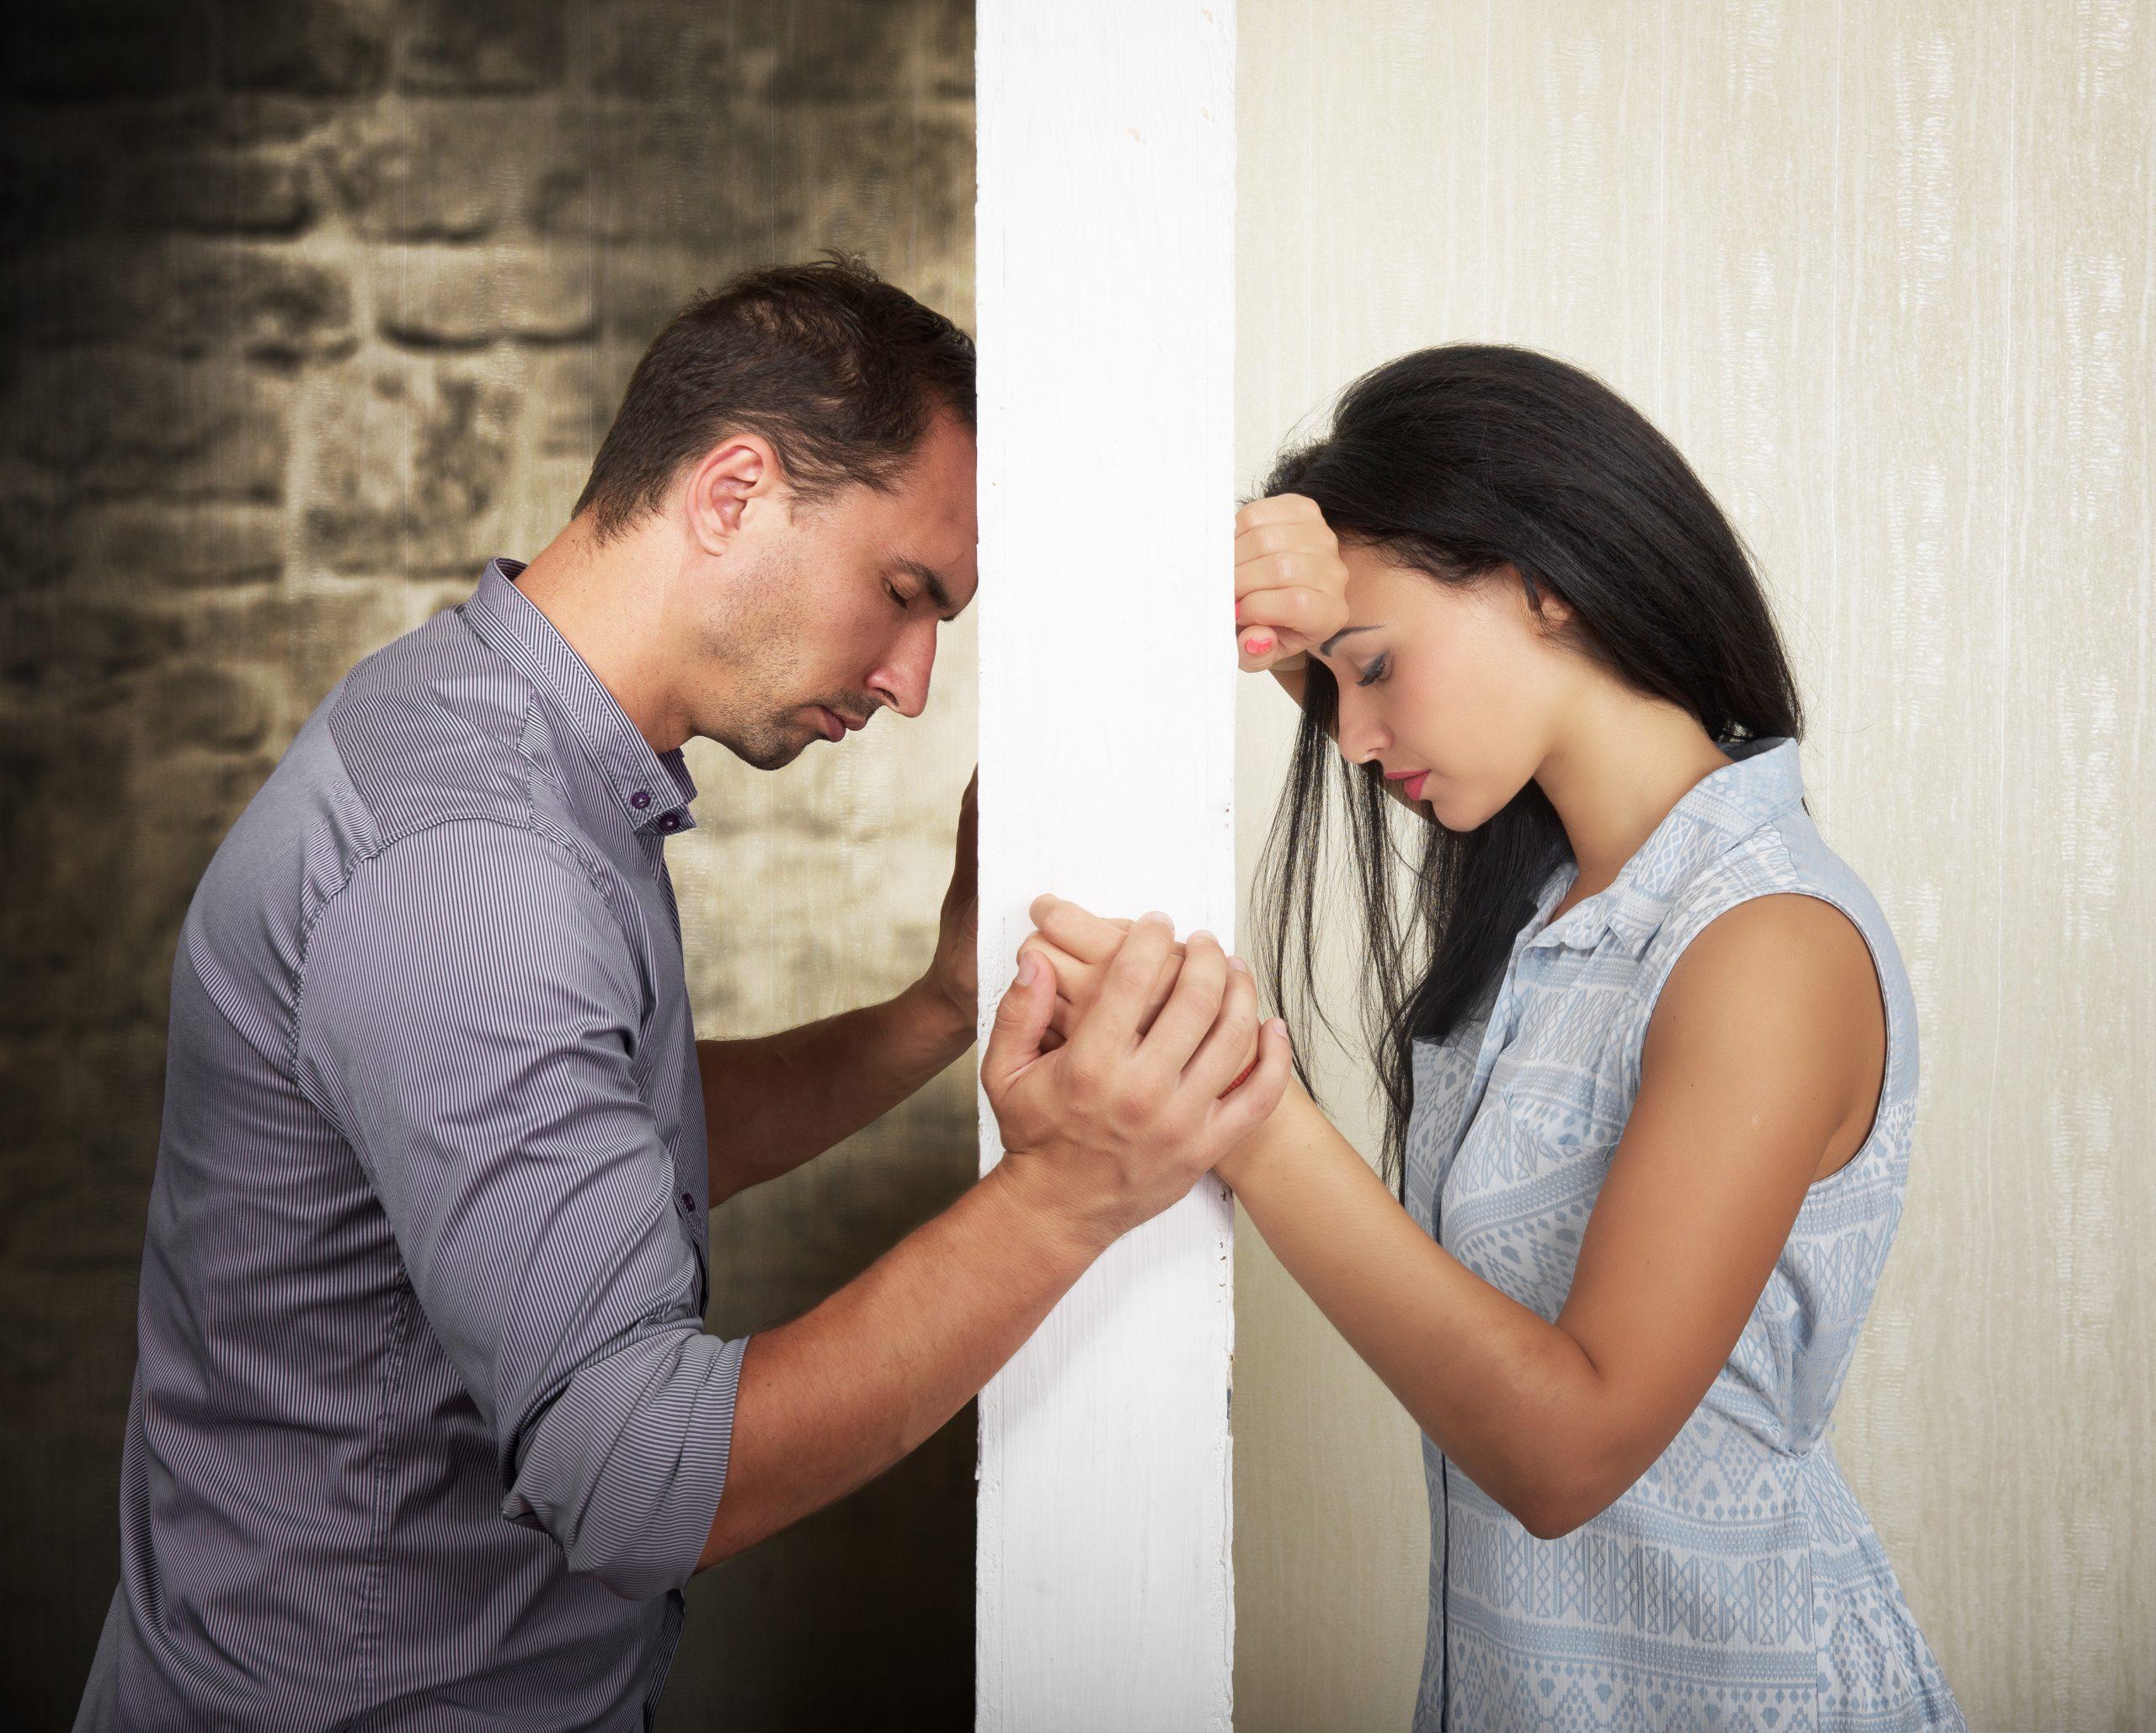 Geschützt: Beratung von Paaren mit sexuellen Störungen – Weiterbildung